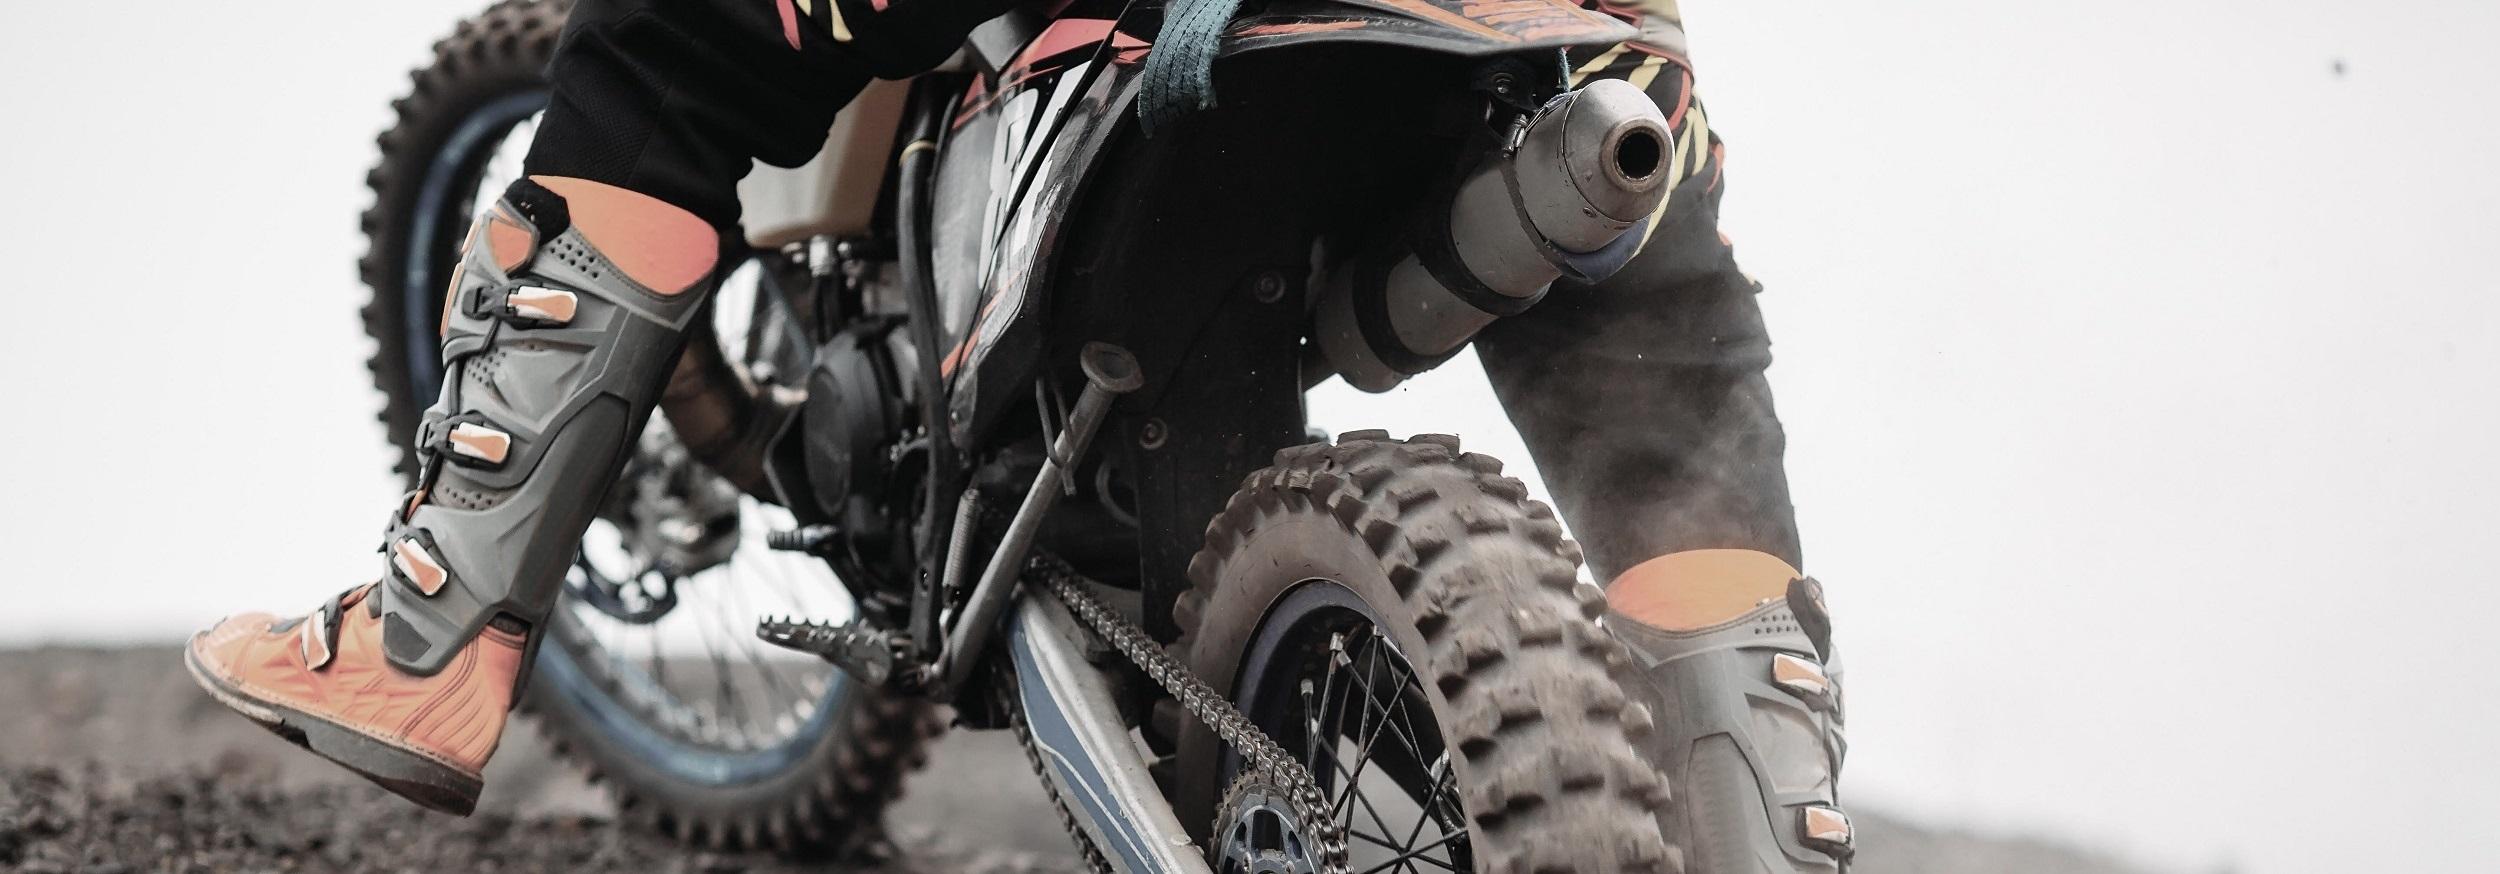 Эндуро мотоциклы Zuum (ZM)